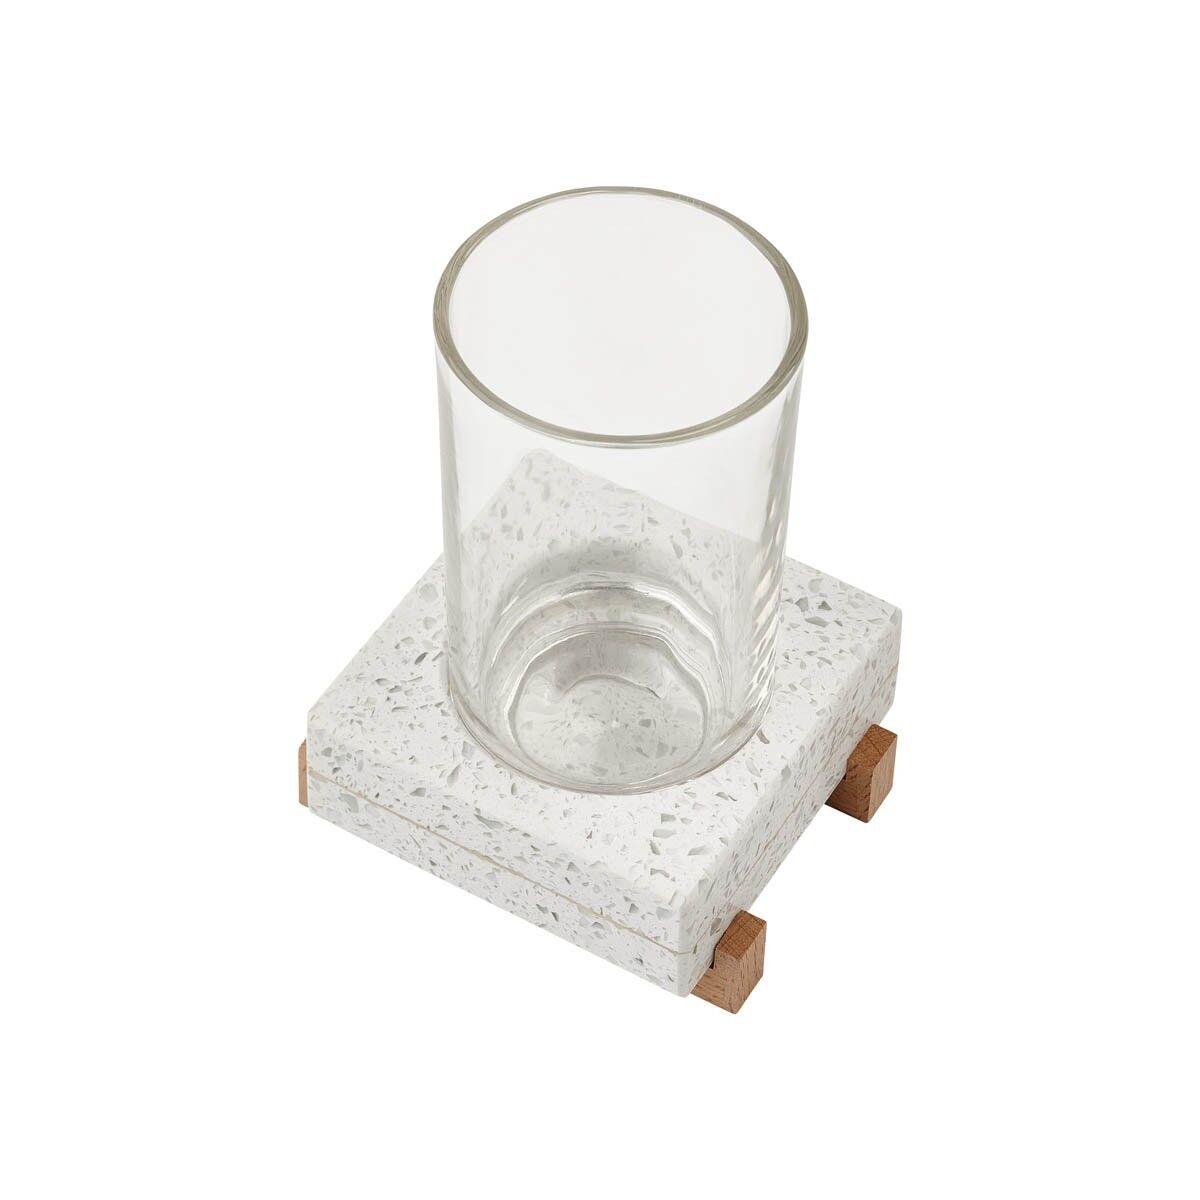 Zahnputzbecher Aquanova Quartz  Materialmix aus Glas, Terrazzo und Holz